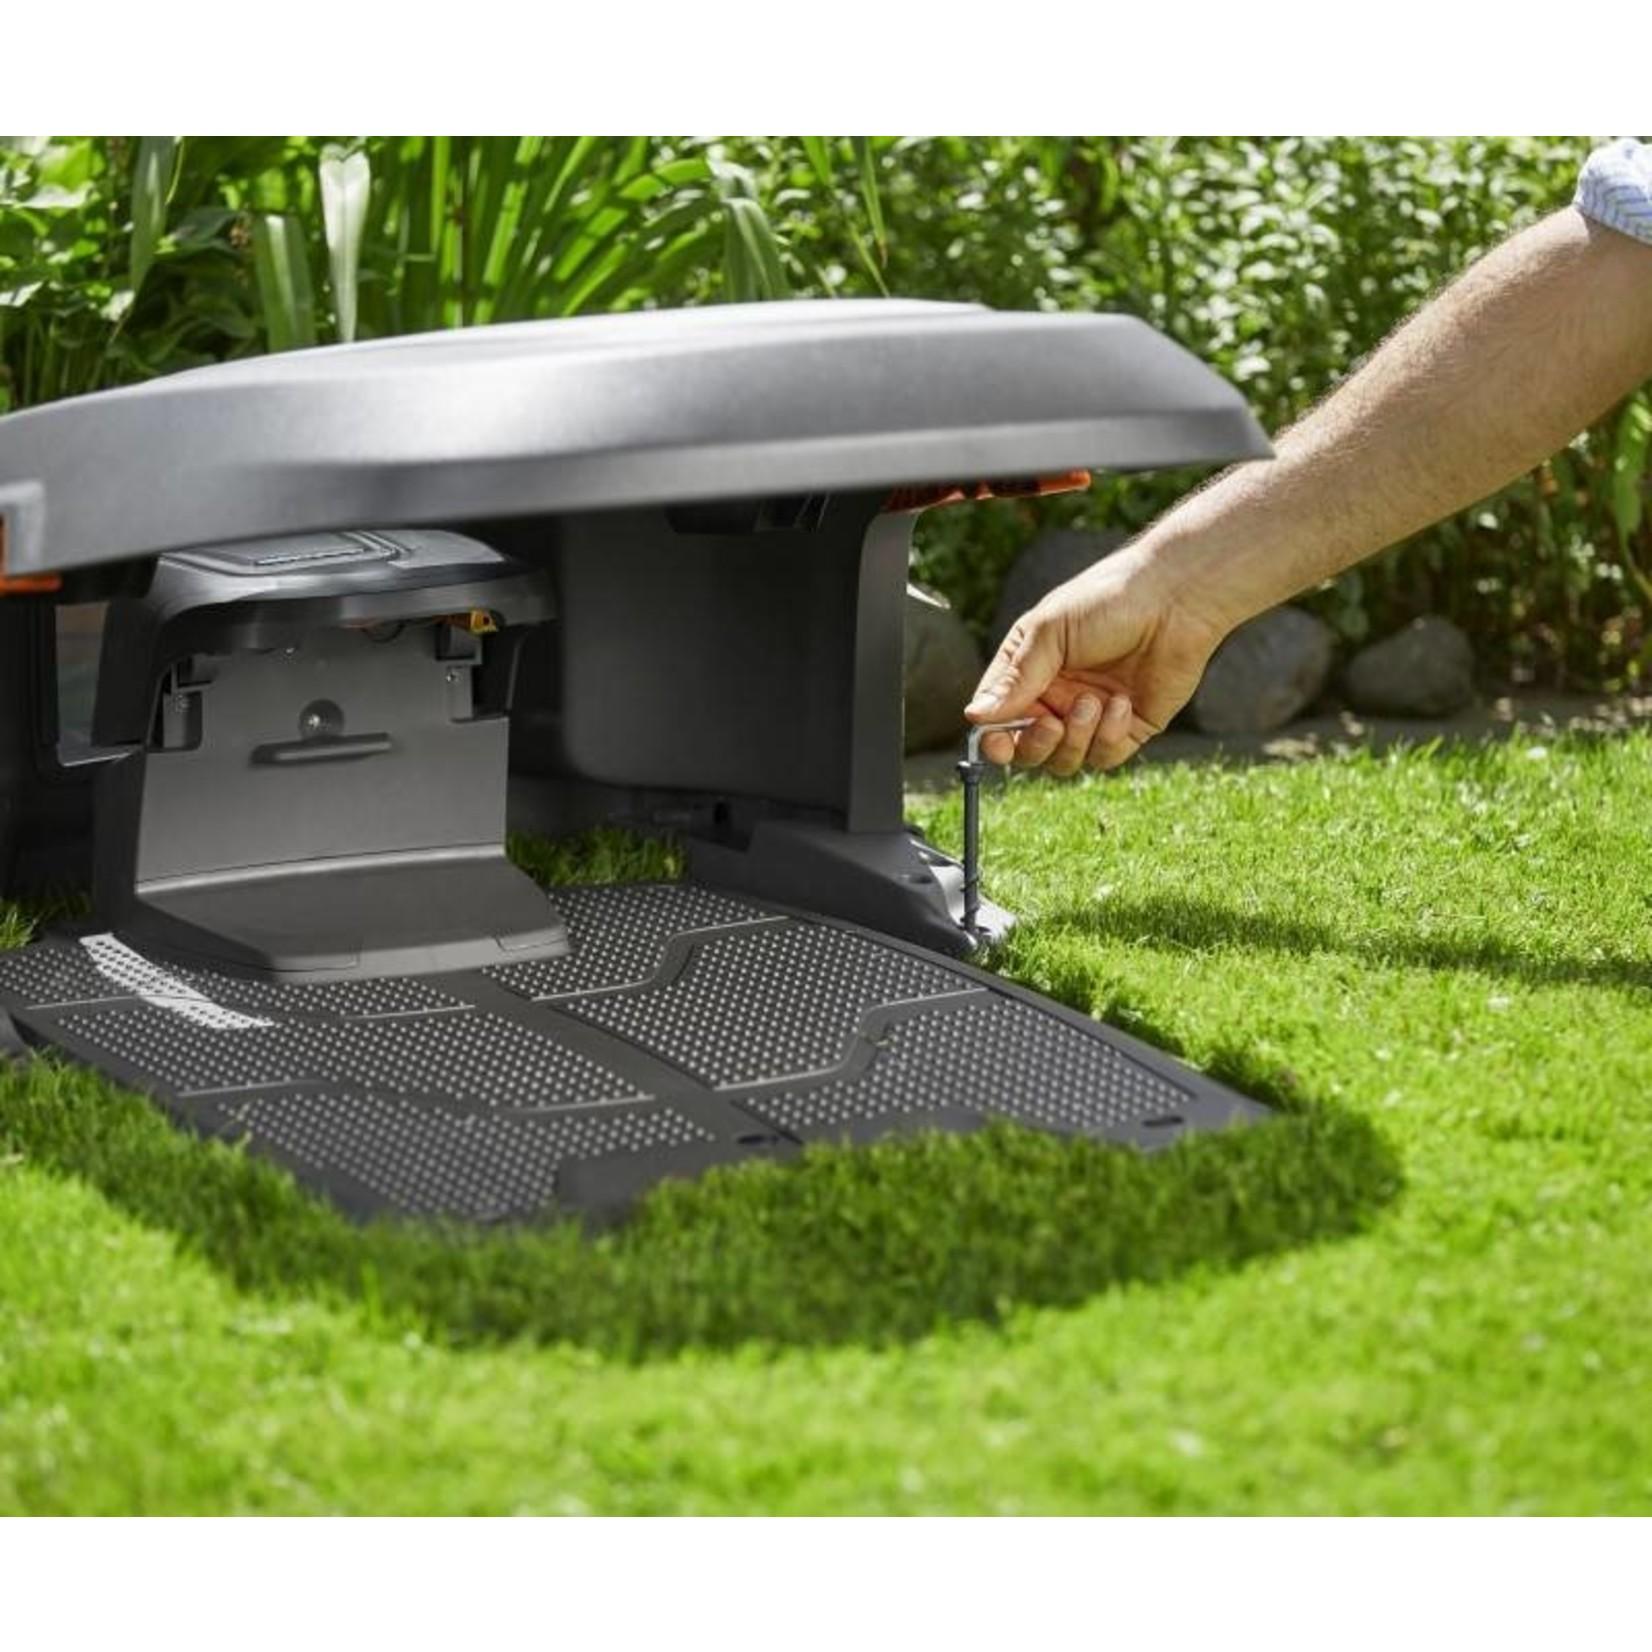 Gardena Gardena Robotgarage Sileno